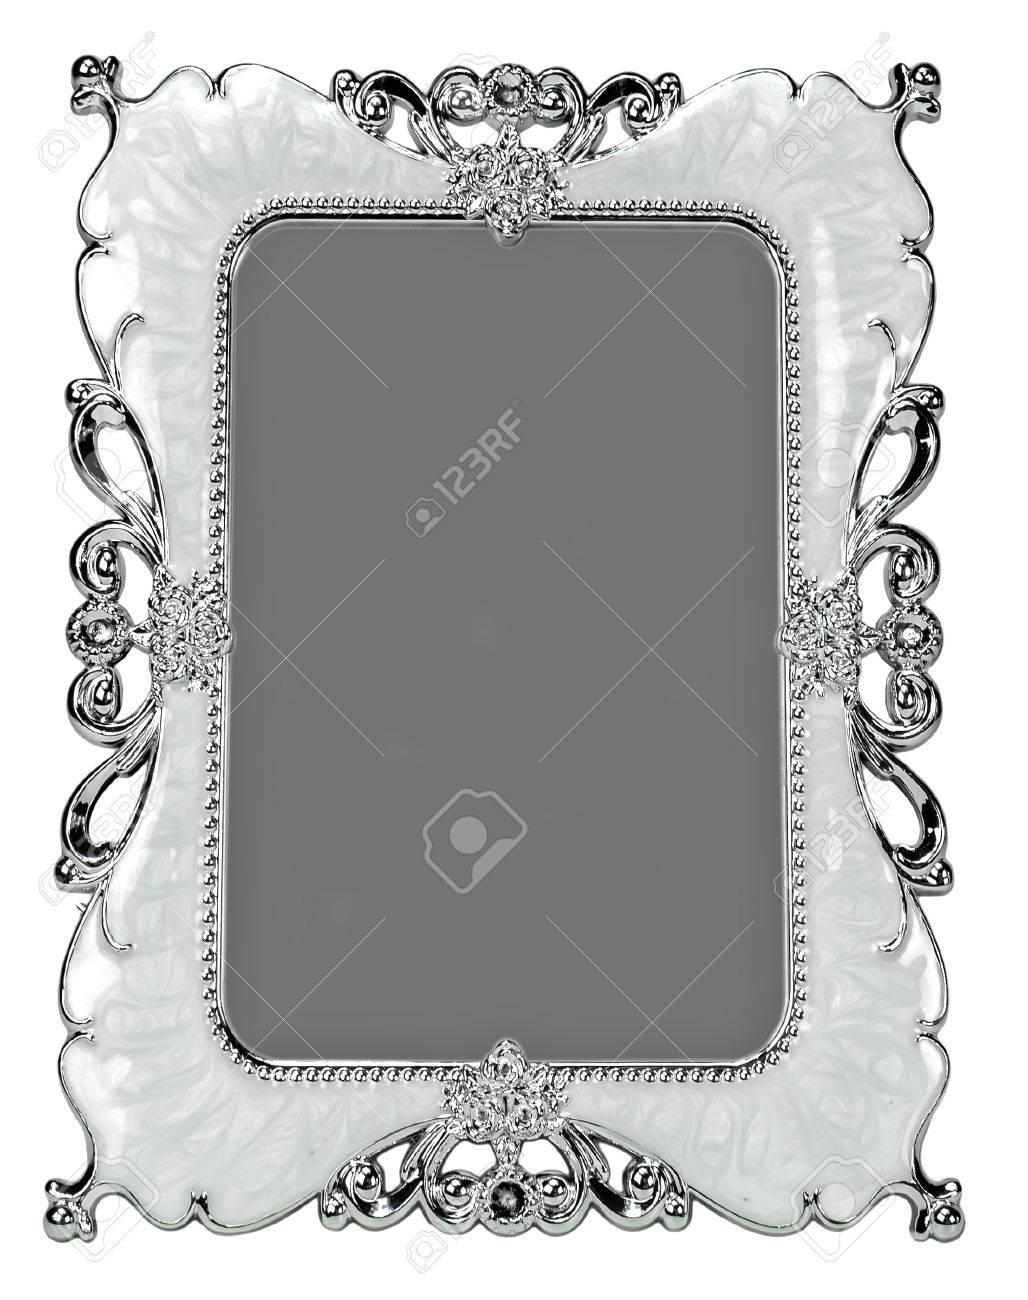 Dekorative Silber Perle Rahmen Isoliert Auf Weißem Hintergrund ...